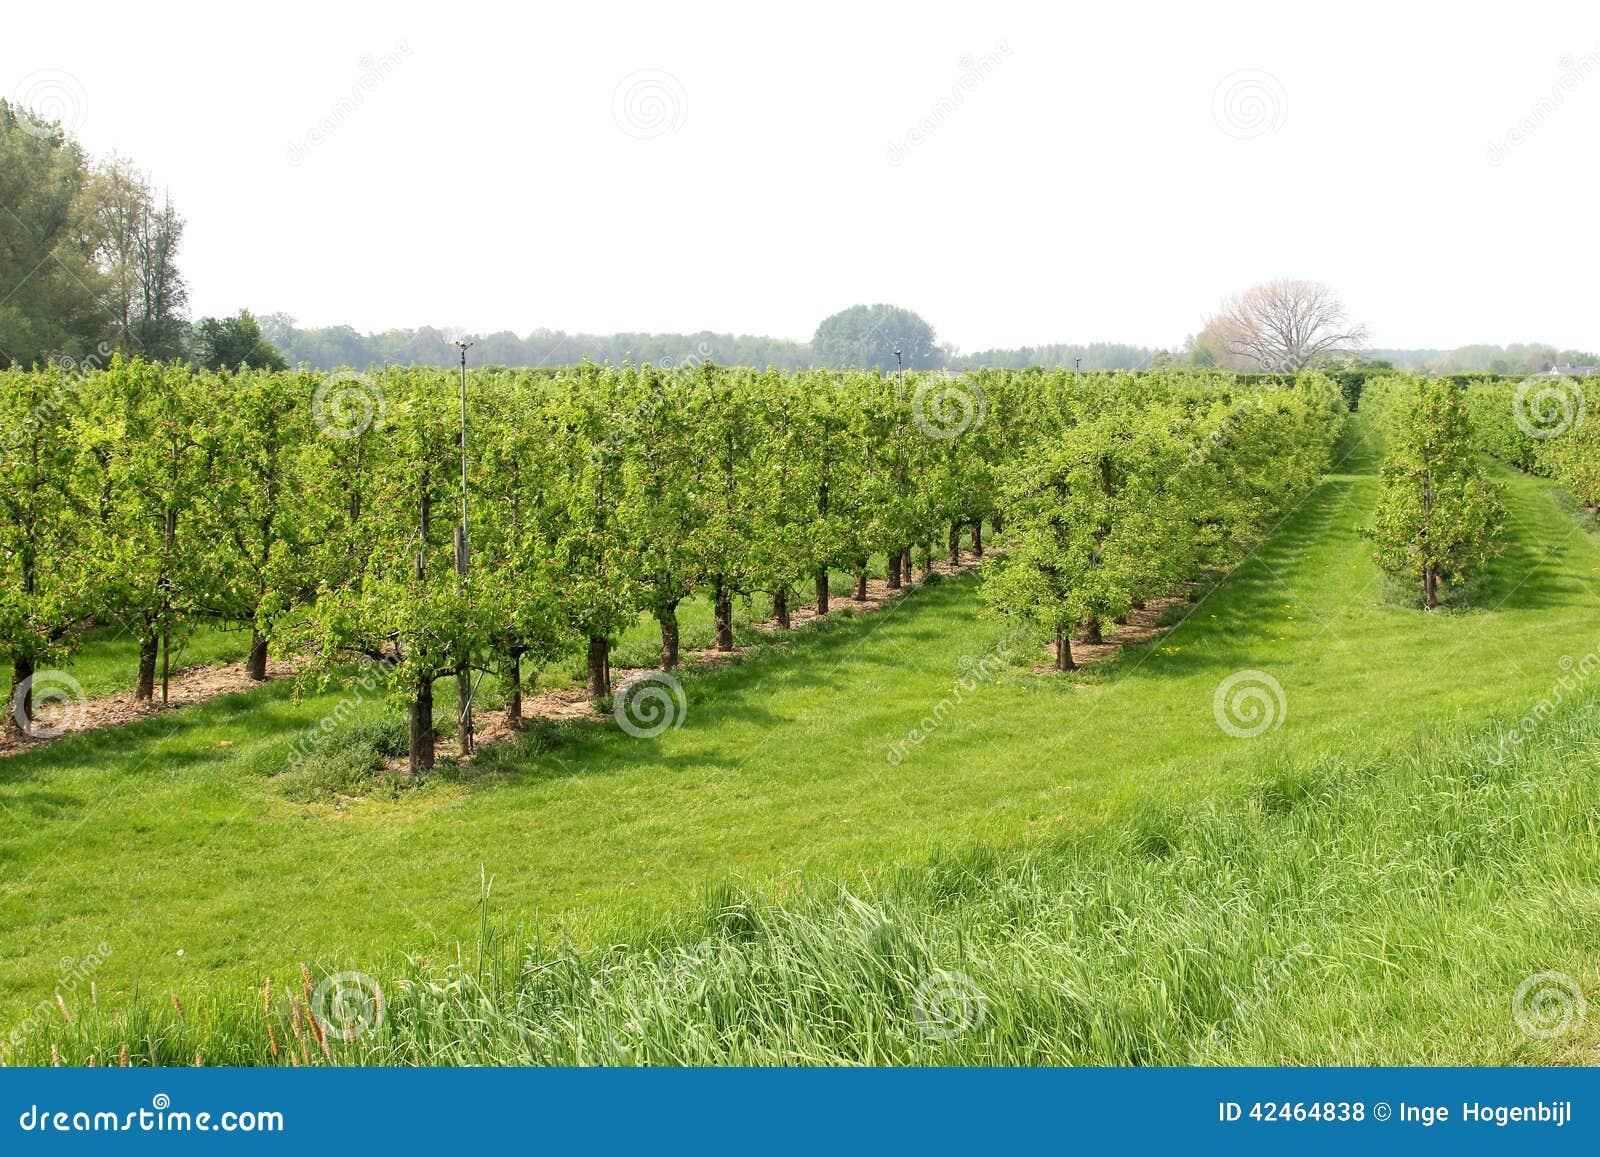 Boomgaard met fruitbomen, Nederland